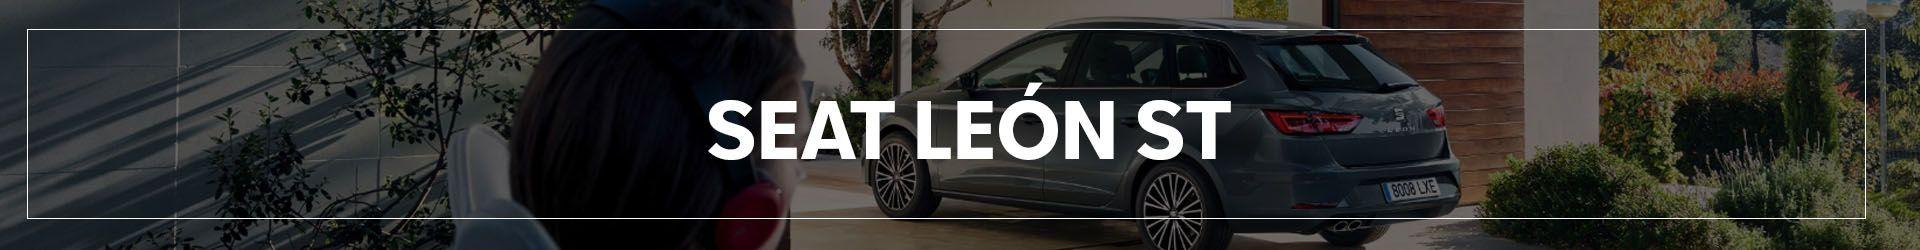 páginas SEAT LEON ST | Automocion Terry Concesionario SEAT Cadiz